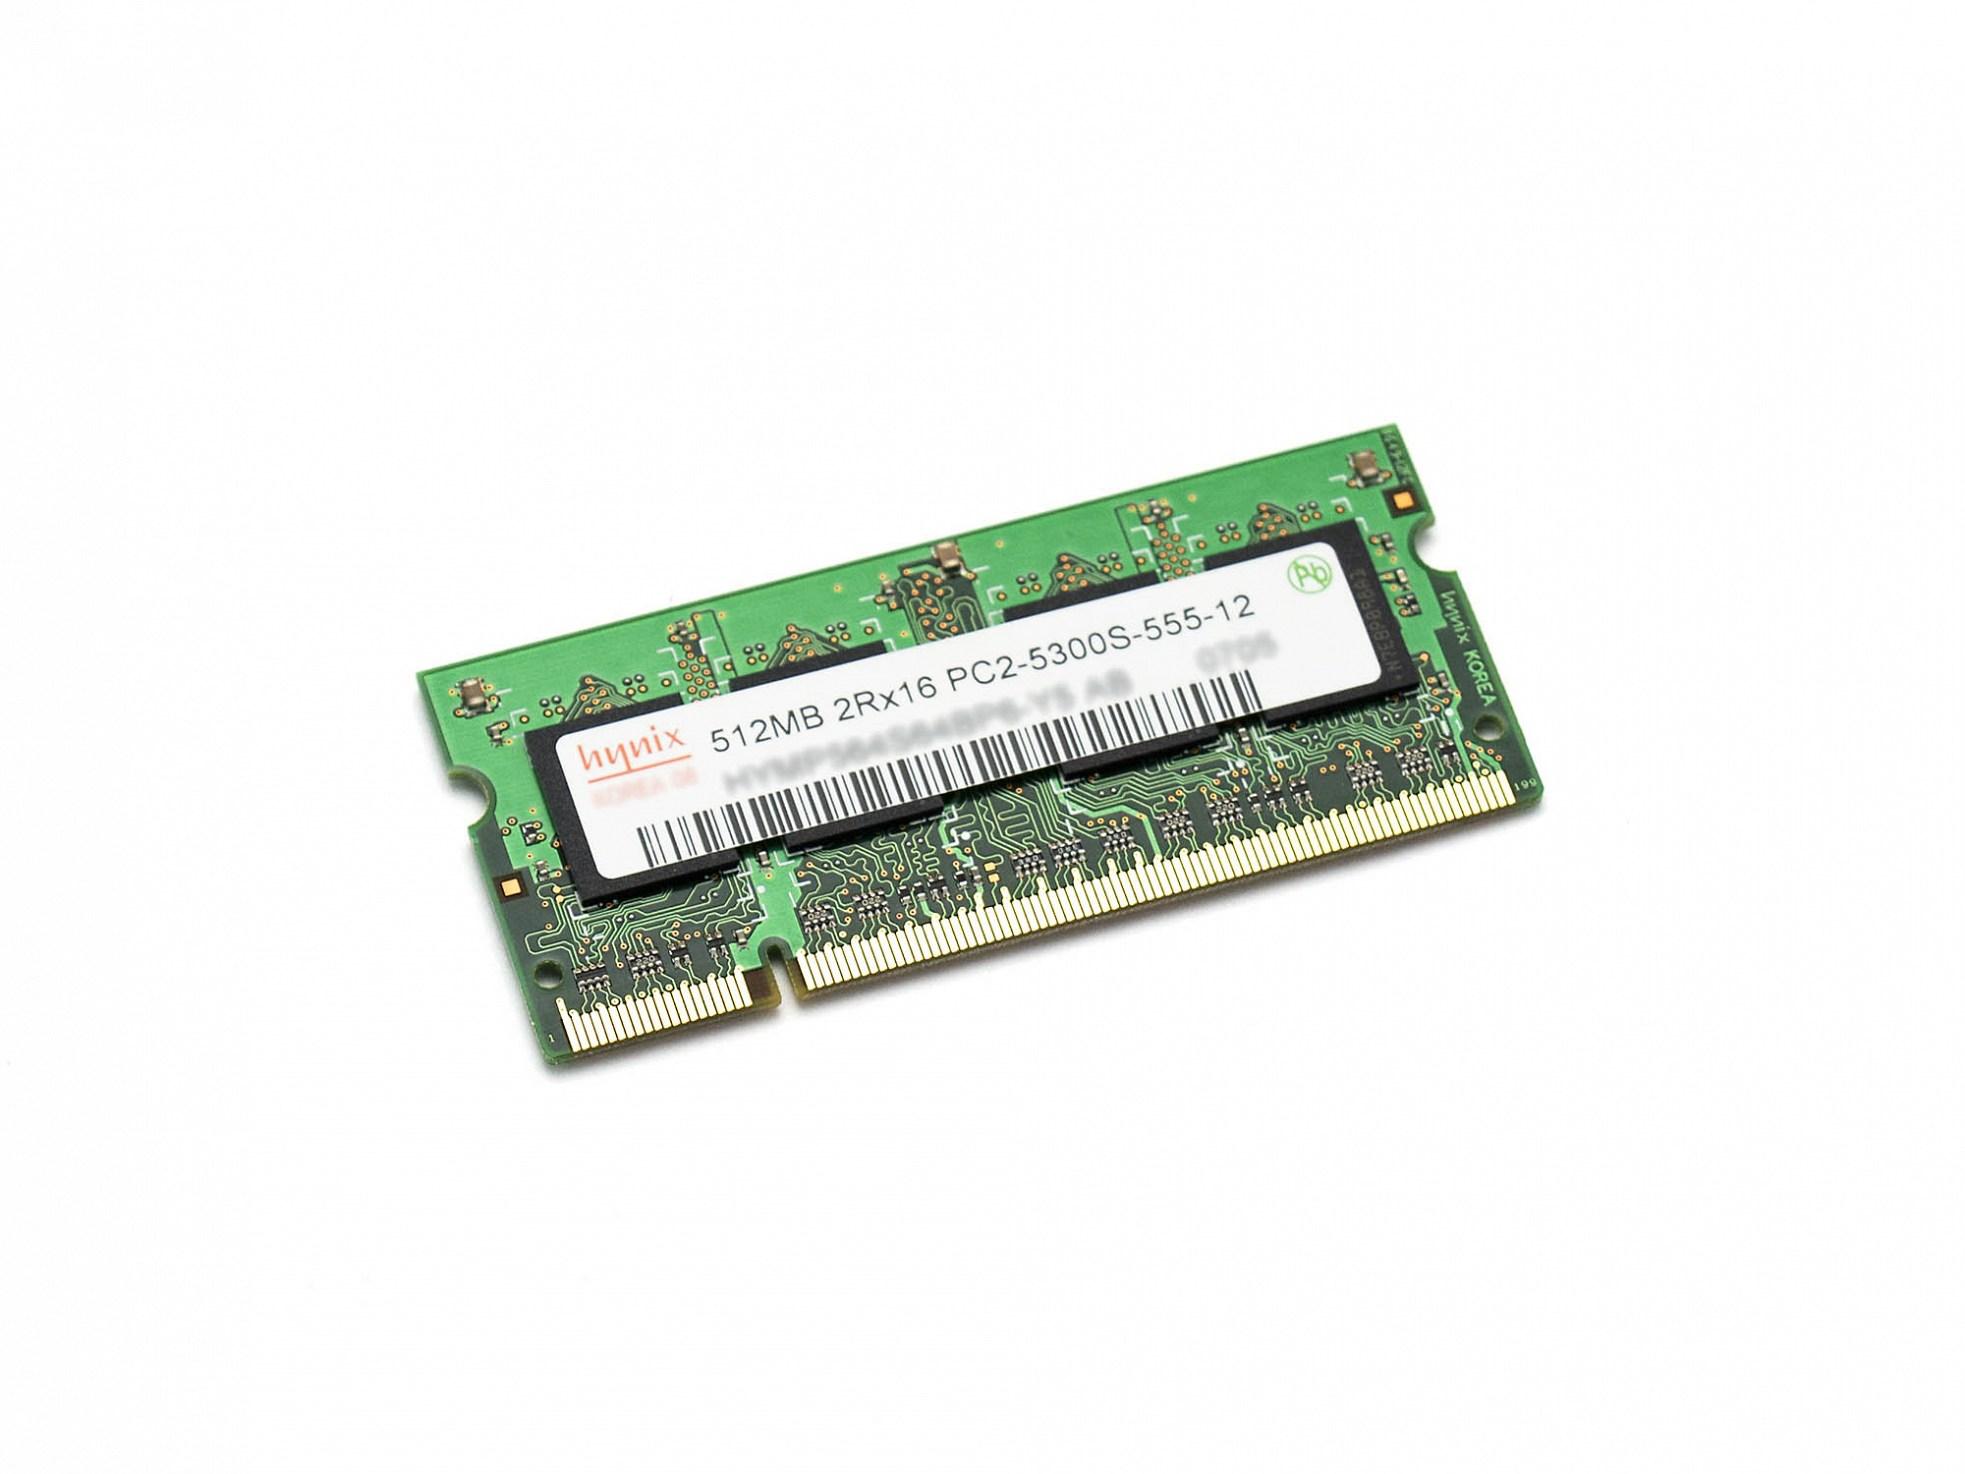 RAM-Speicher 512 MB DDR2 SO-DIMM 667 Mhz für Asus Z92M